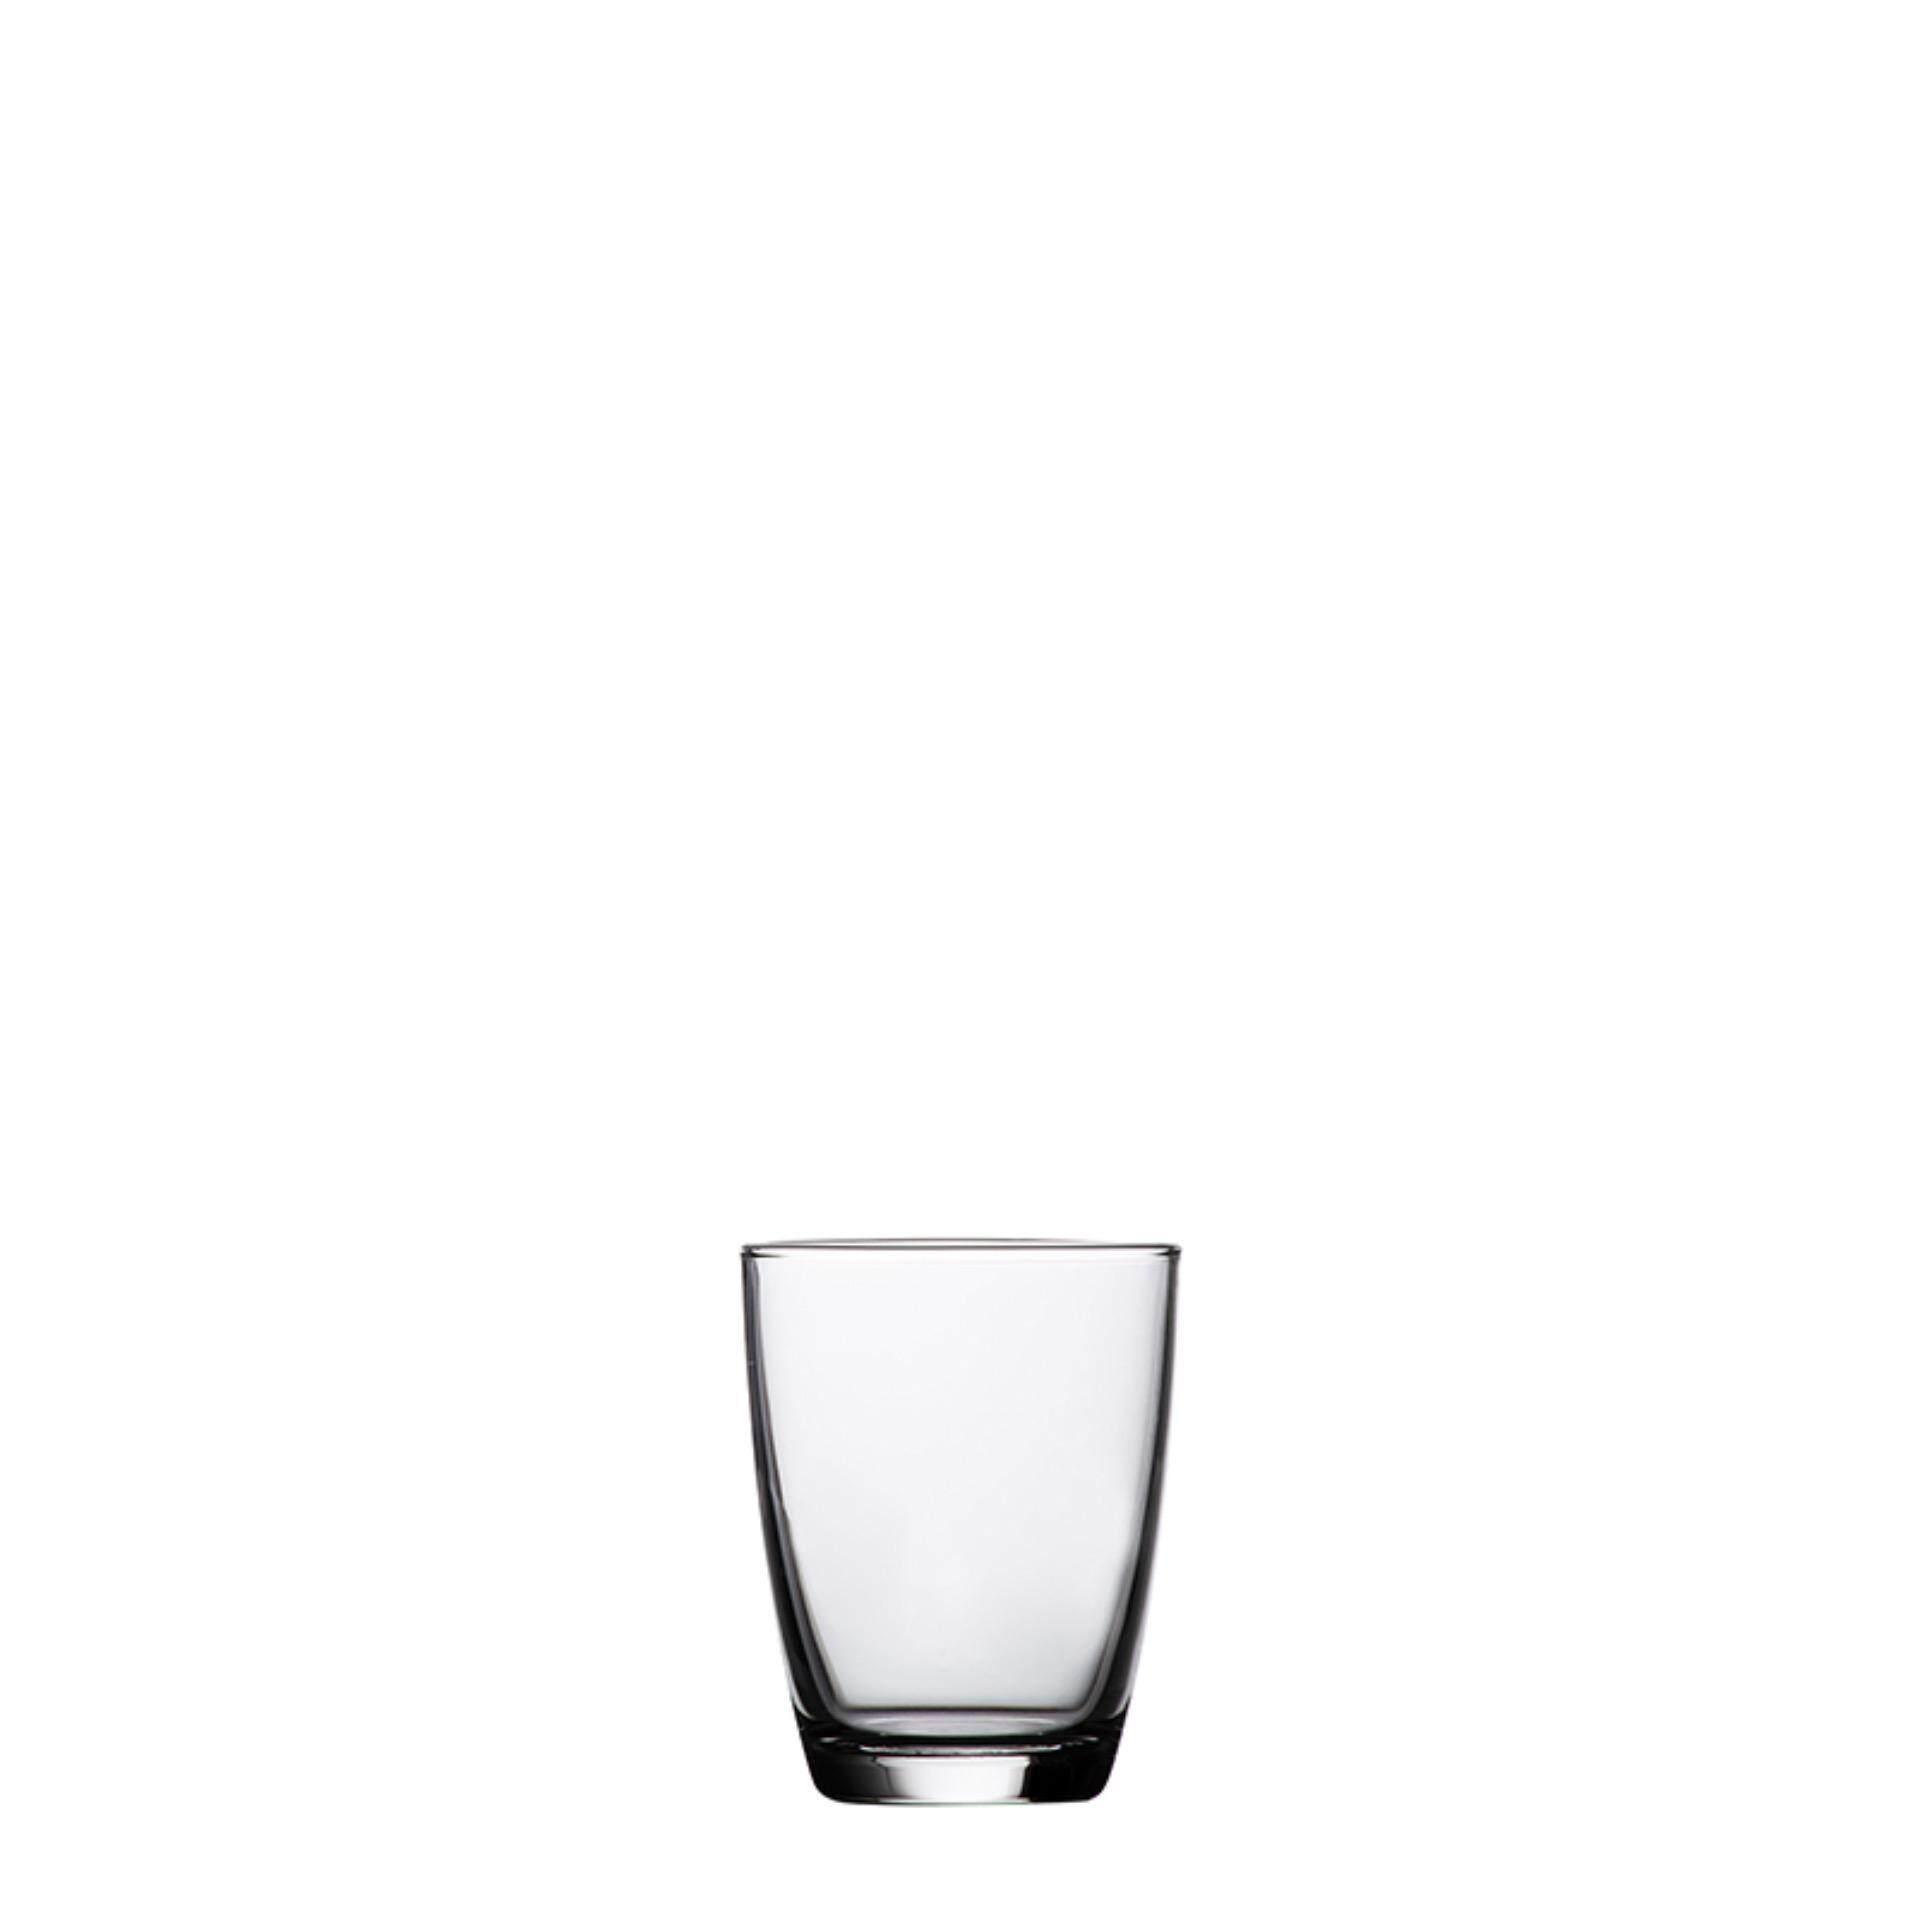 (6 pcs) (แก้วน้ำ ขนาด 13 ออนซ์) RIPPLE ROCK GLASS 13 oz